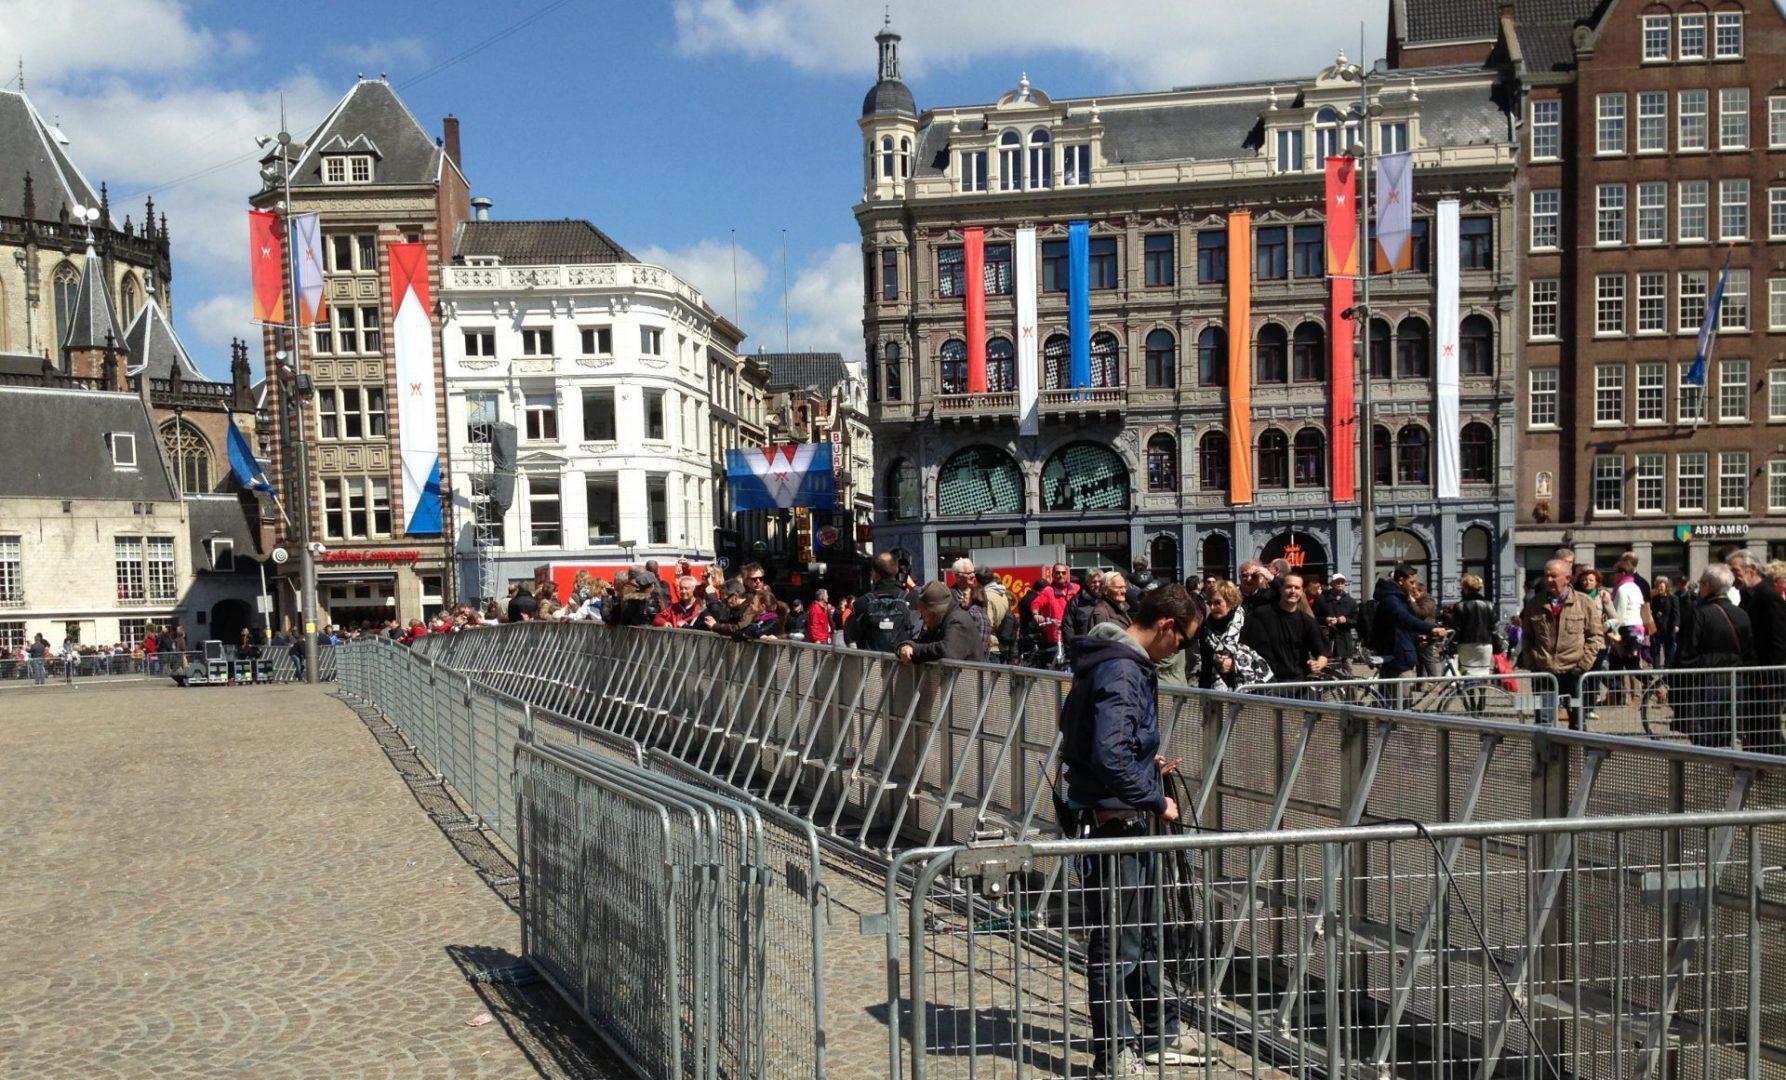 Inhuldiging Willem Alexander